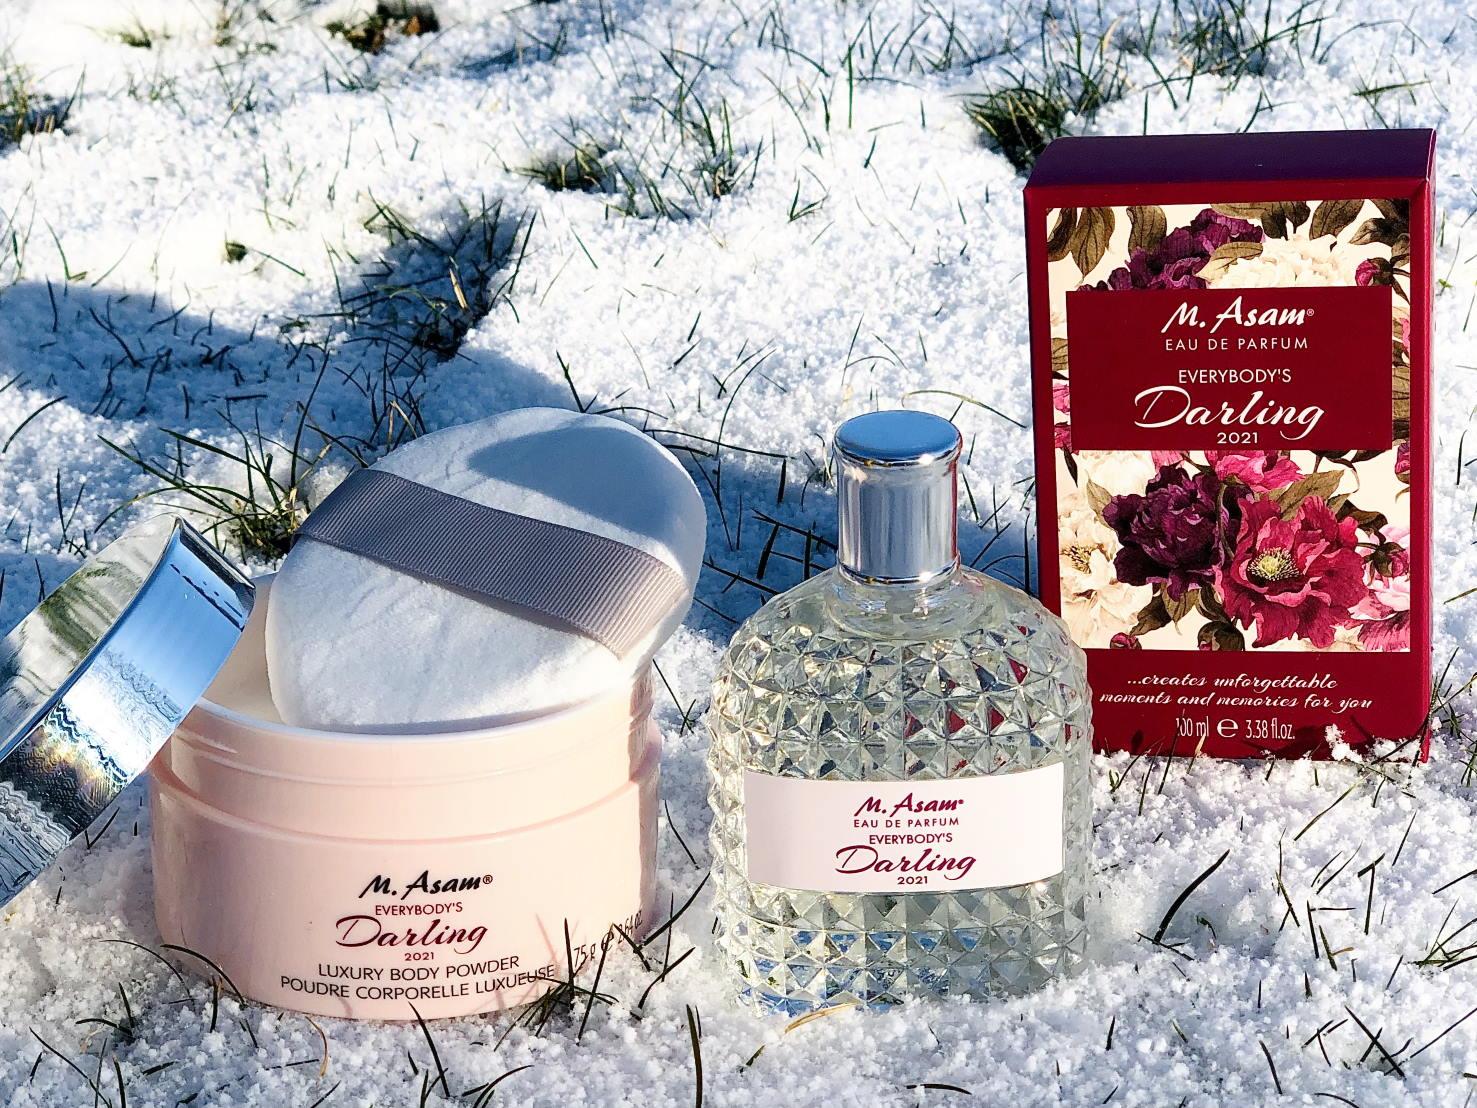 m.asam jahresduft 2021 everybody's darling parfum EdP und Körperpuder